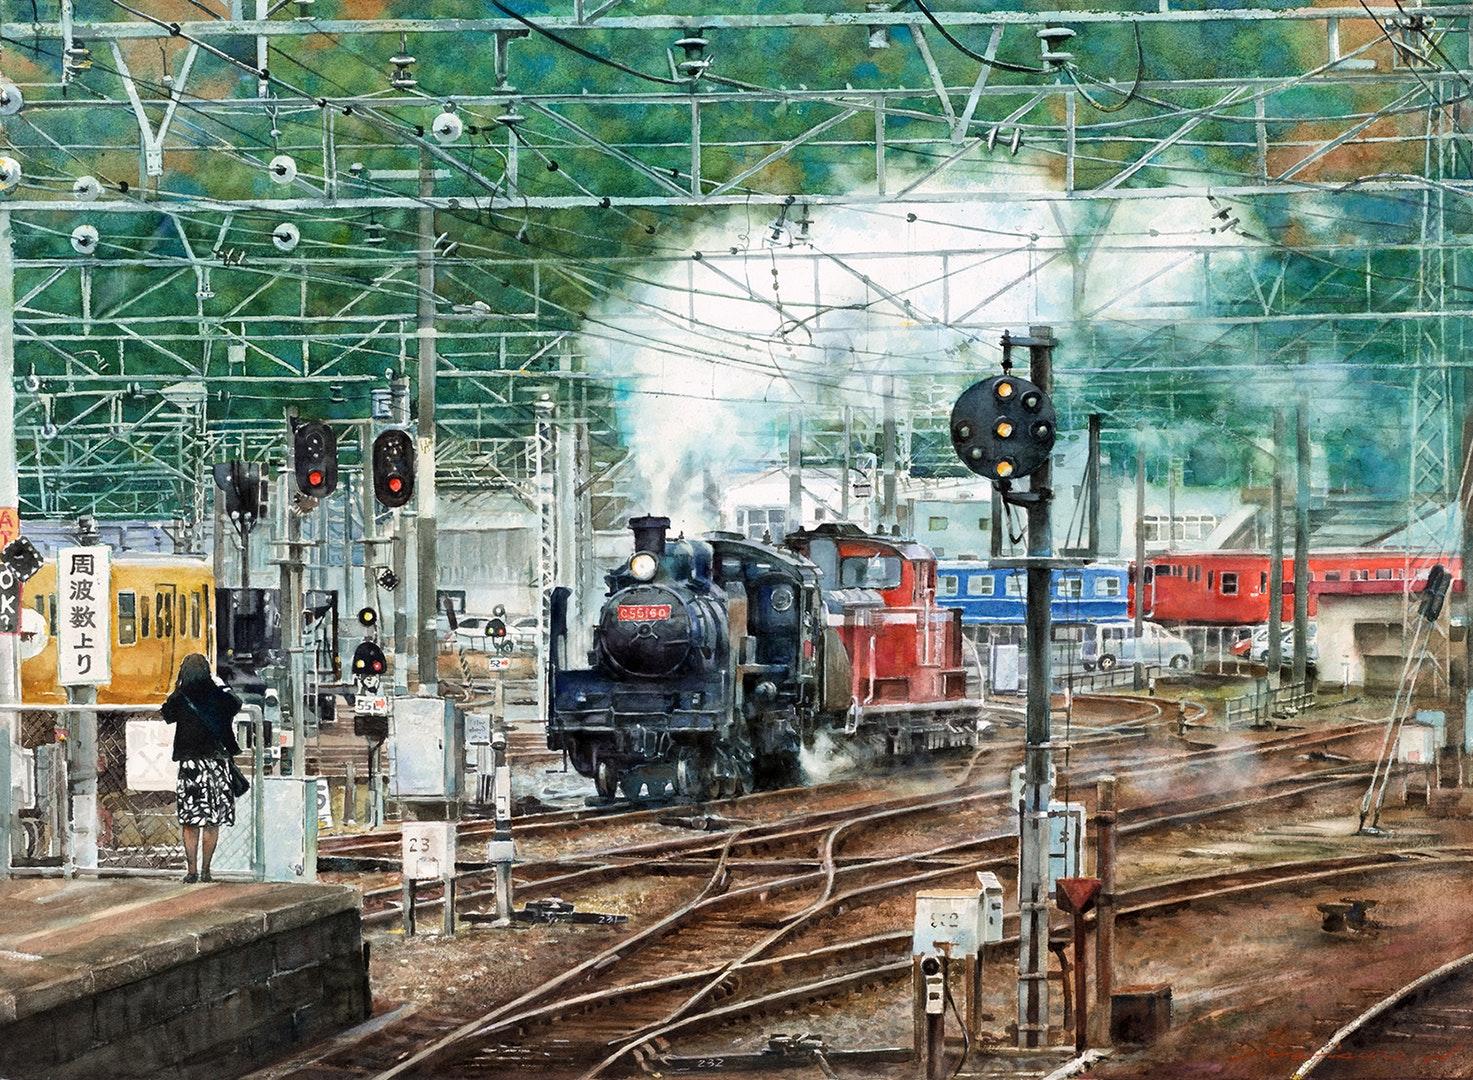 Misure Nien  Steam train station  Watercolor on paper, 56 x 79 cm  https://www.artblr.com/misurenien